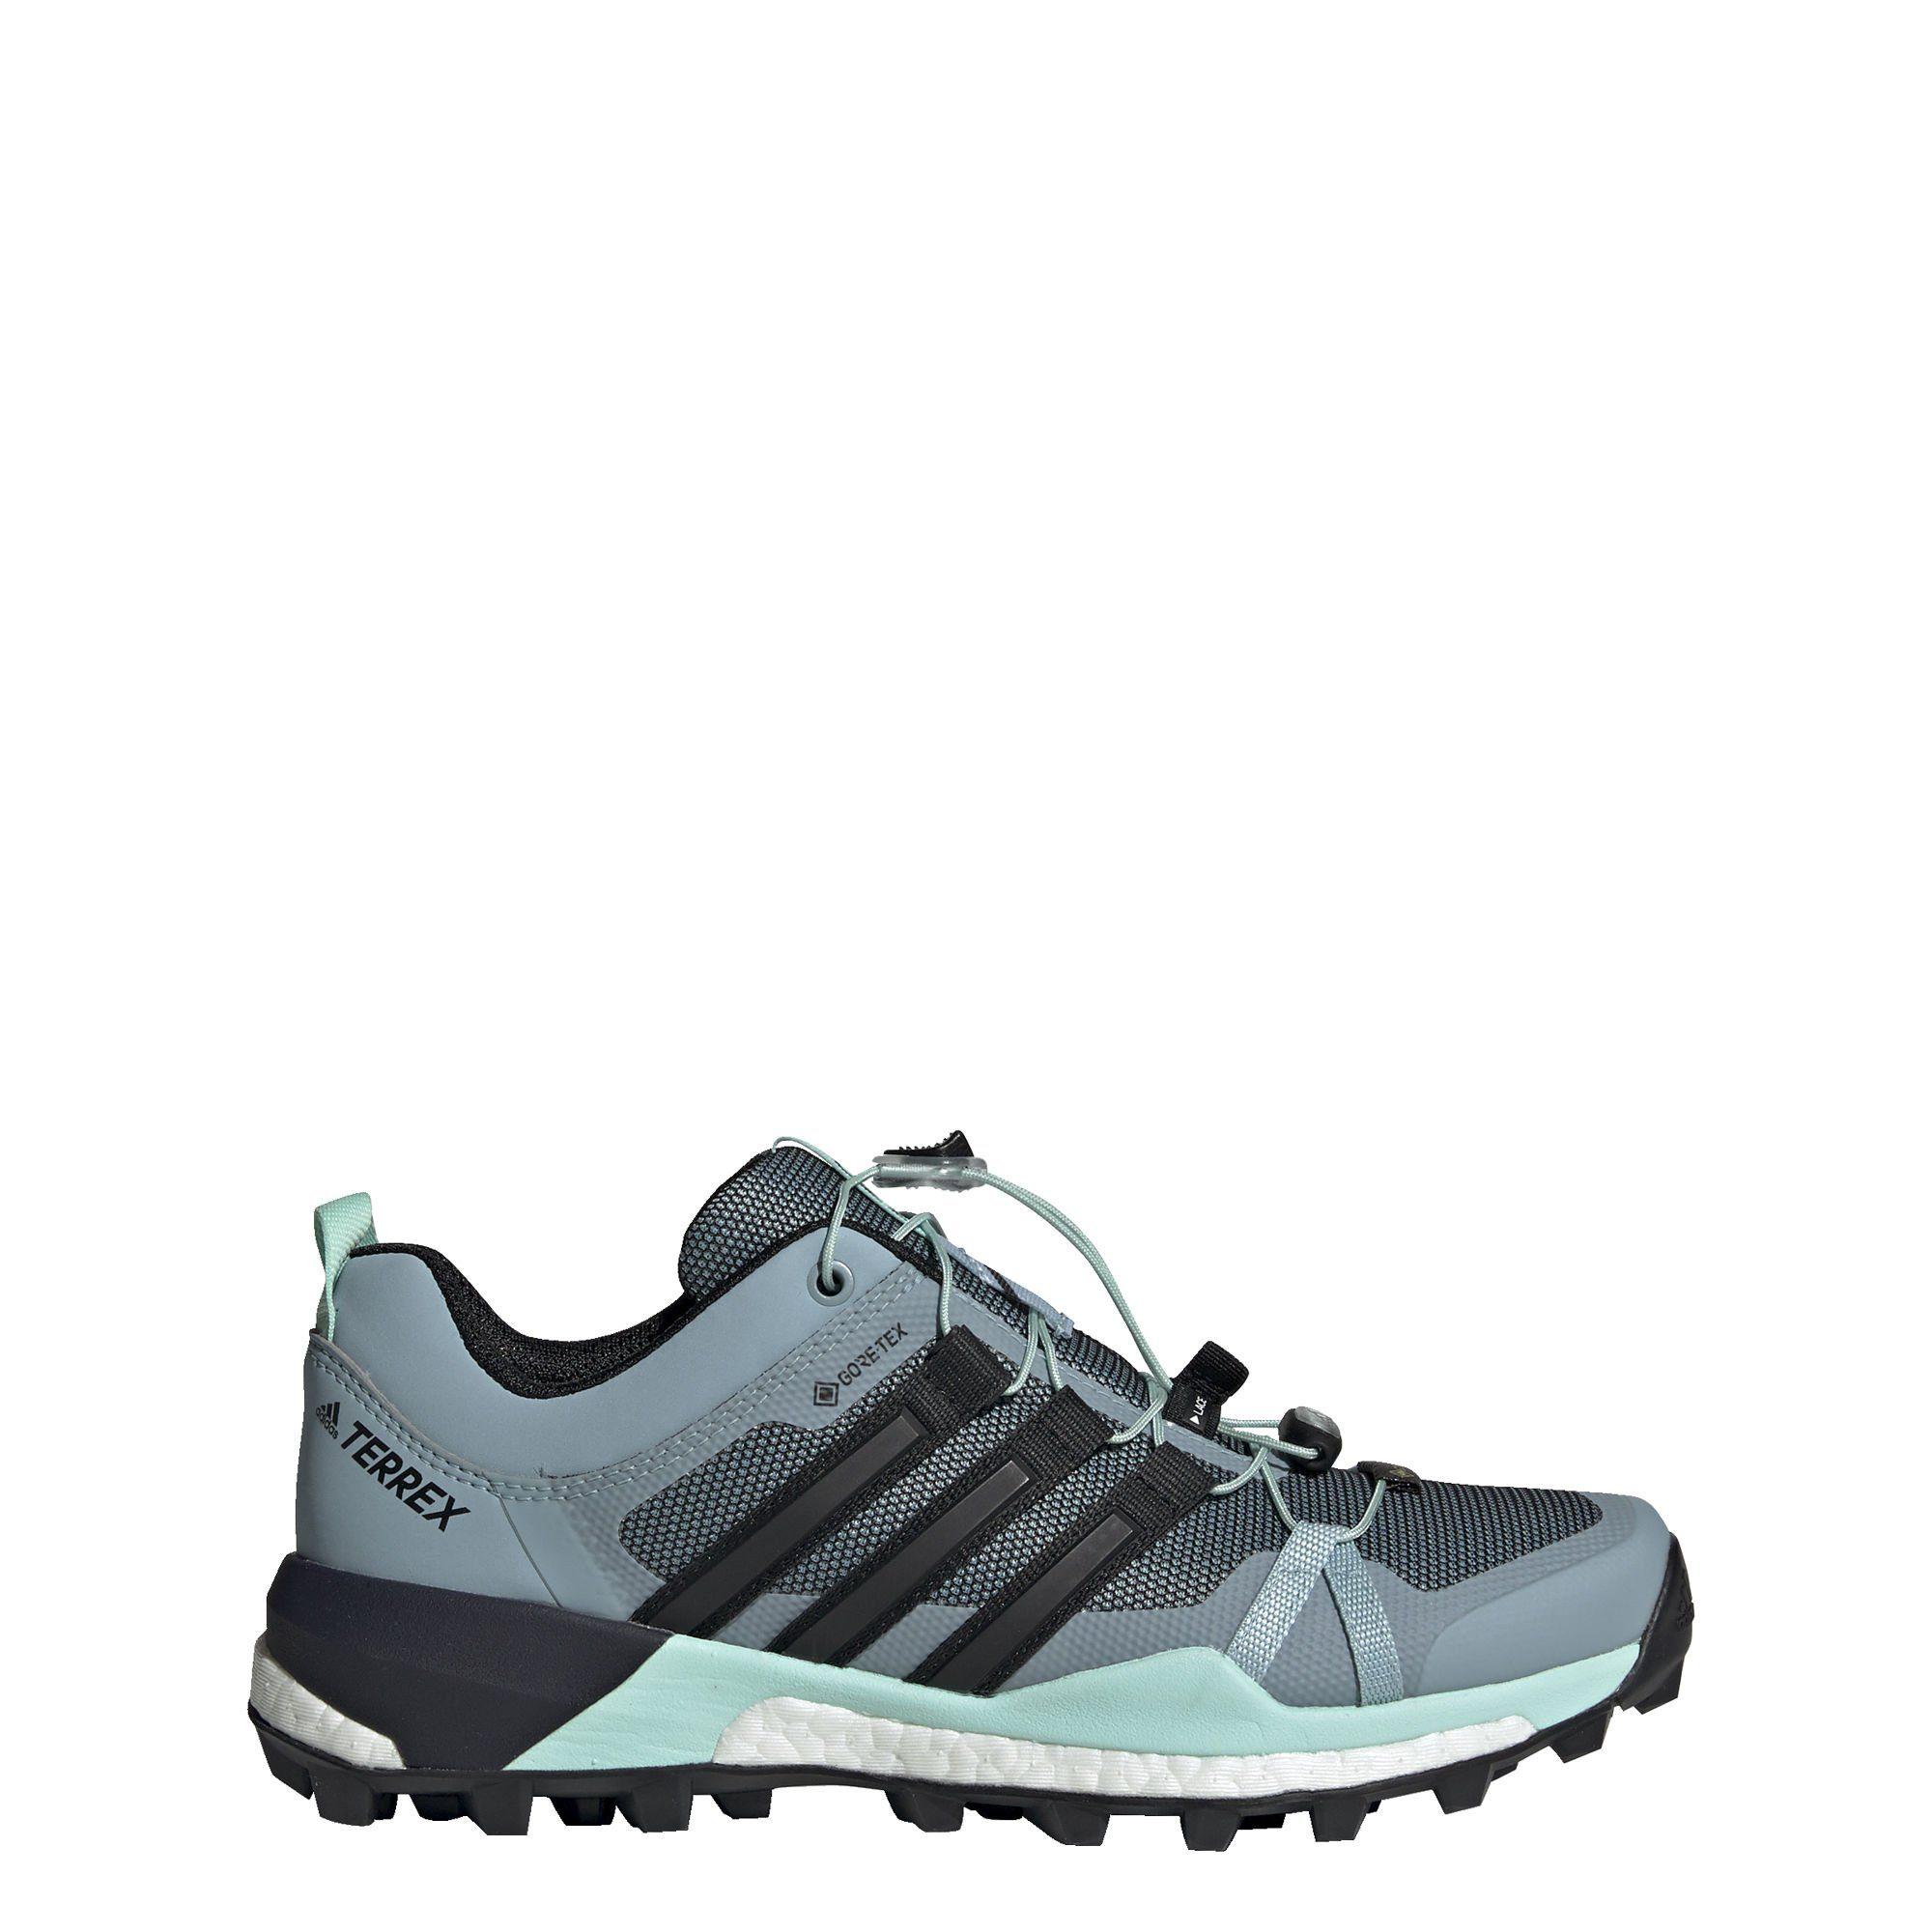 Schuh« Adidas »terrex Skychaser Gtx KaufenOtto Online Performance Outdoorschuh xBWerdCo